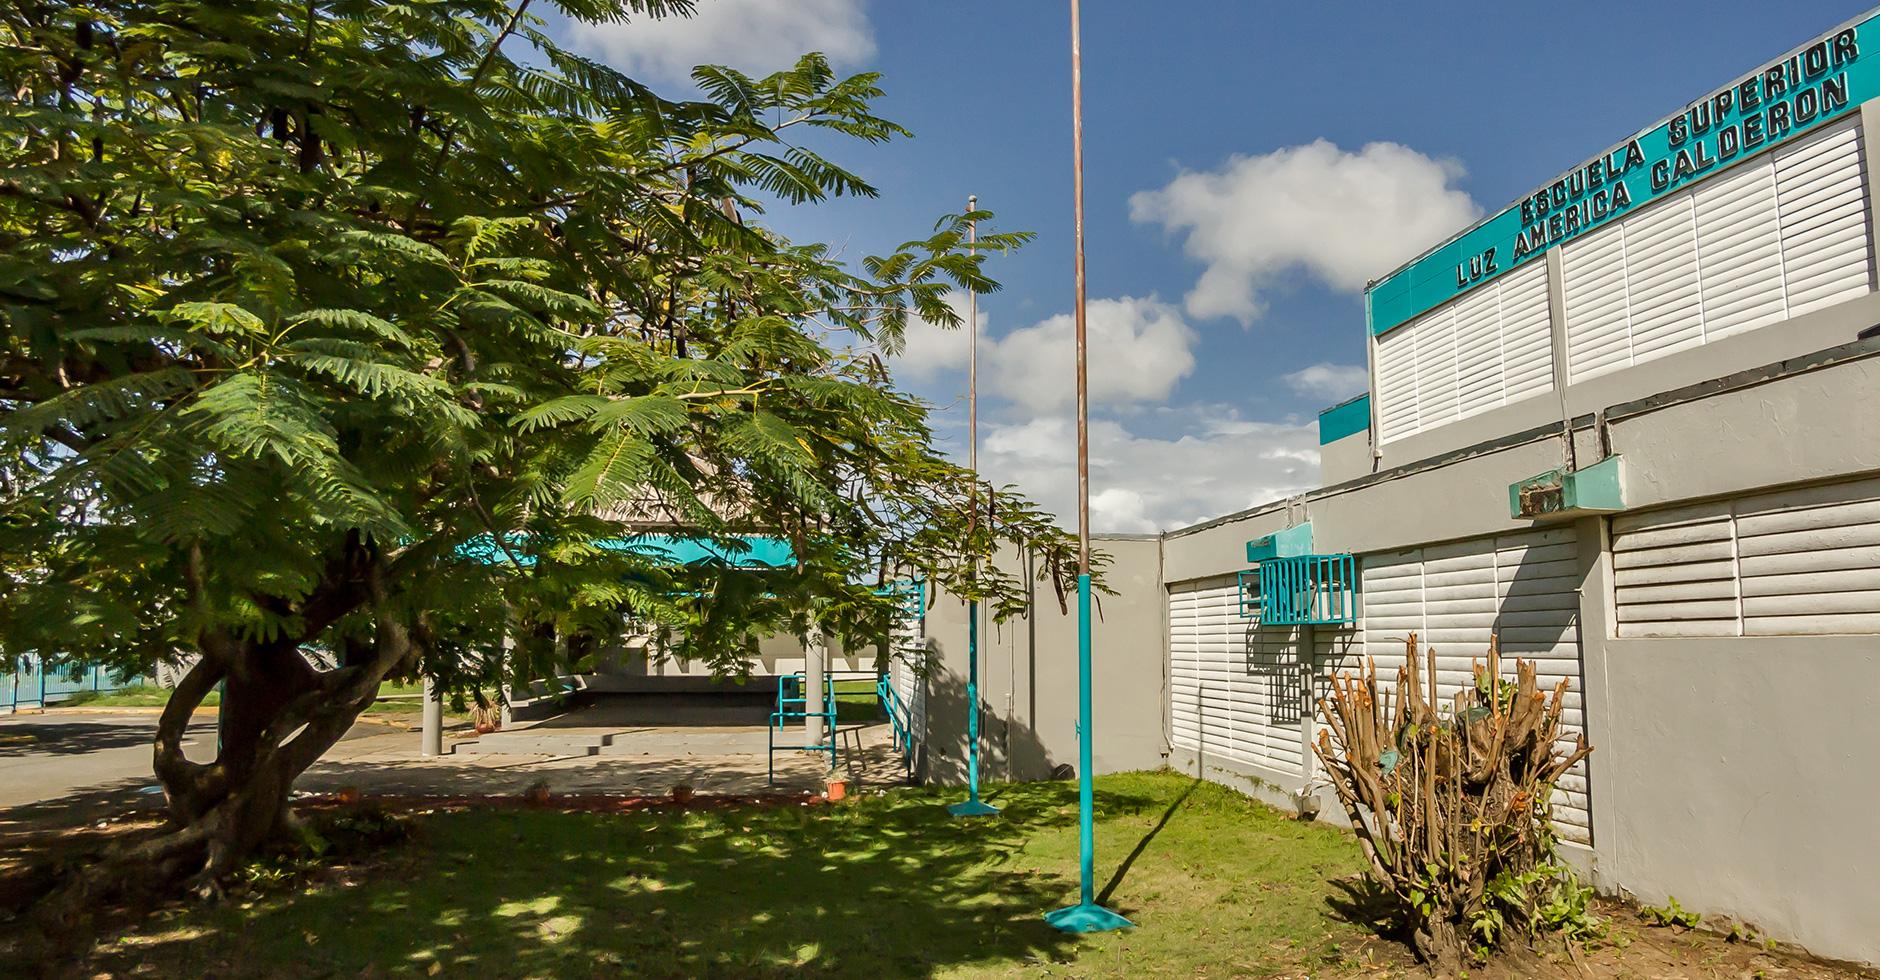 """Escuela Luz América Calderón (""""La 5"""")"""